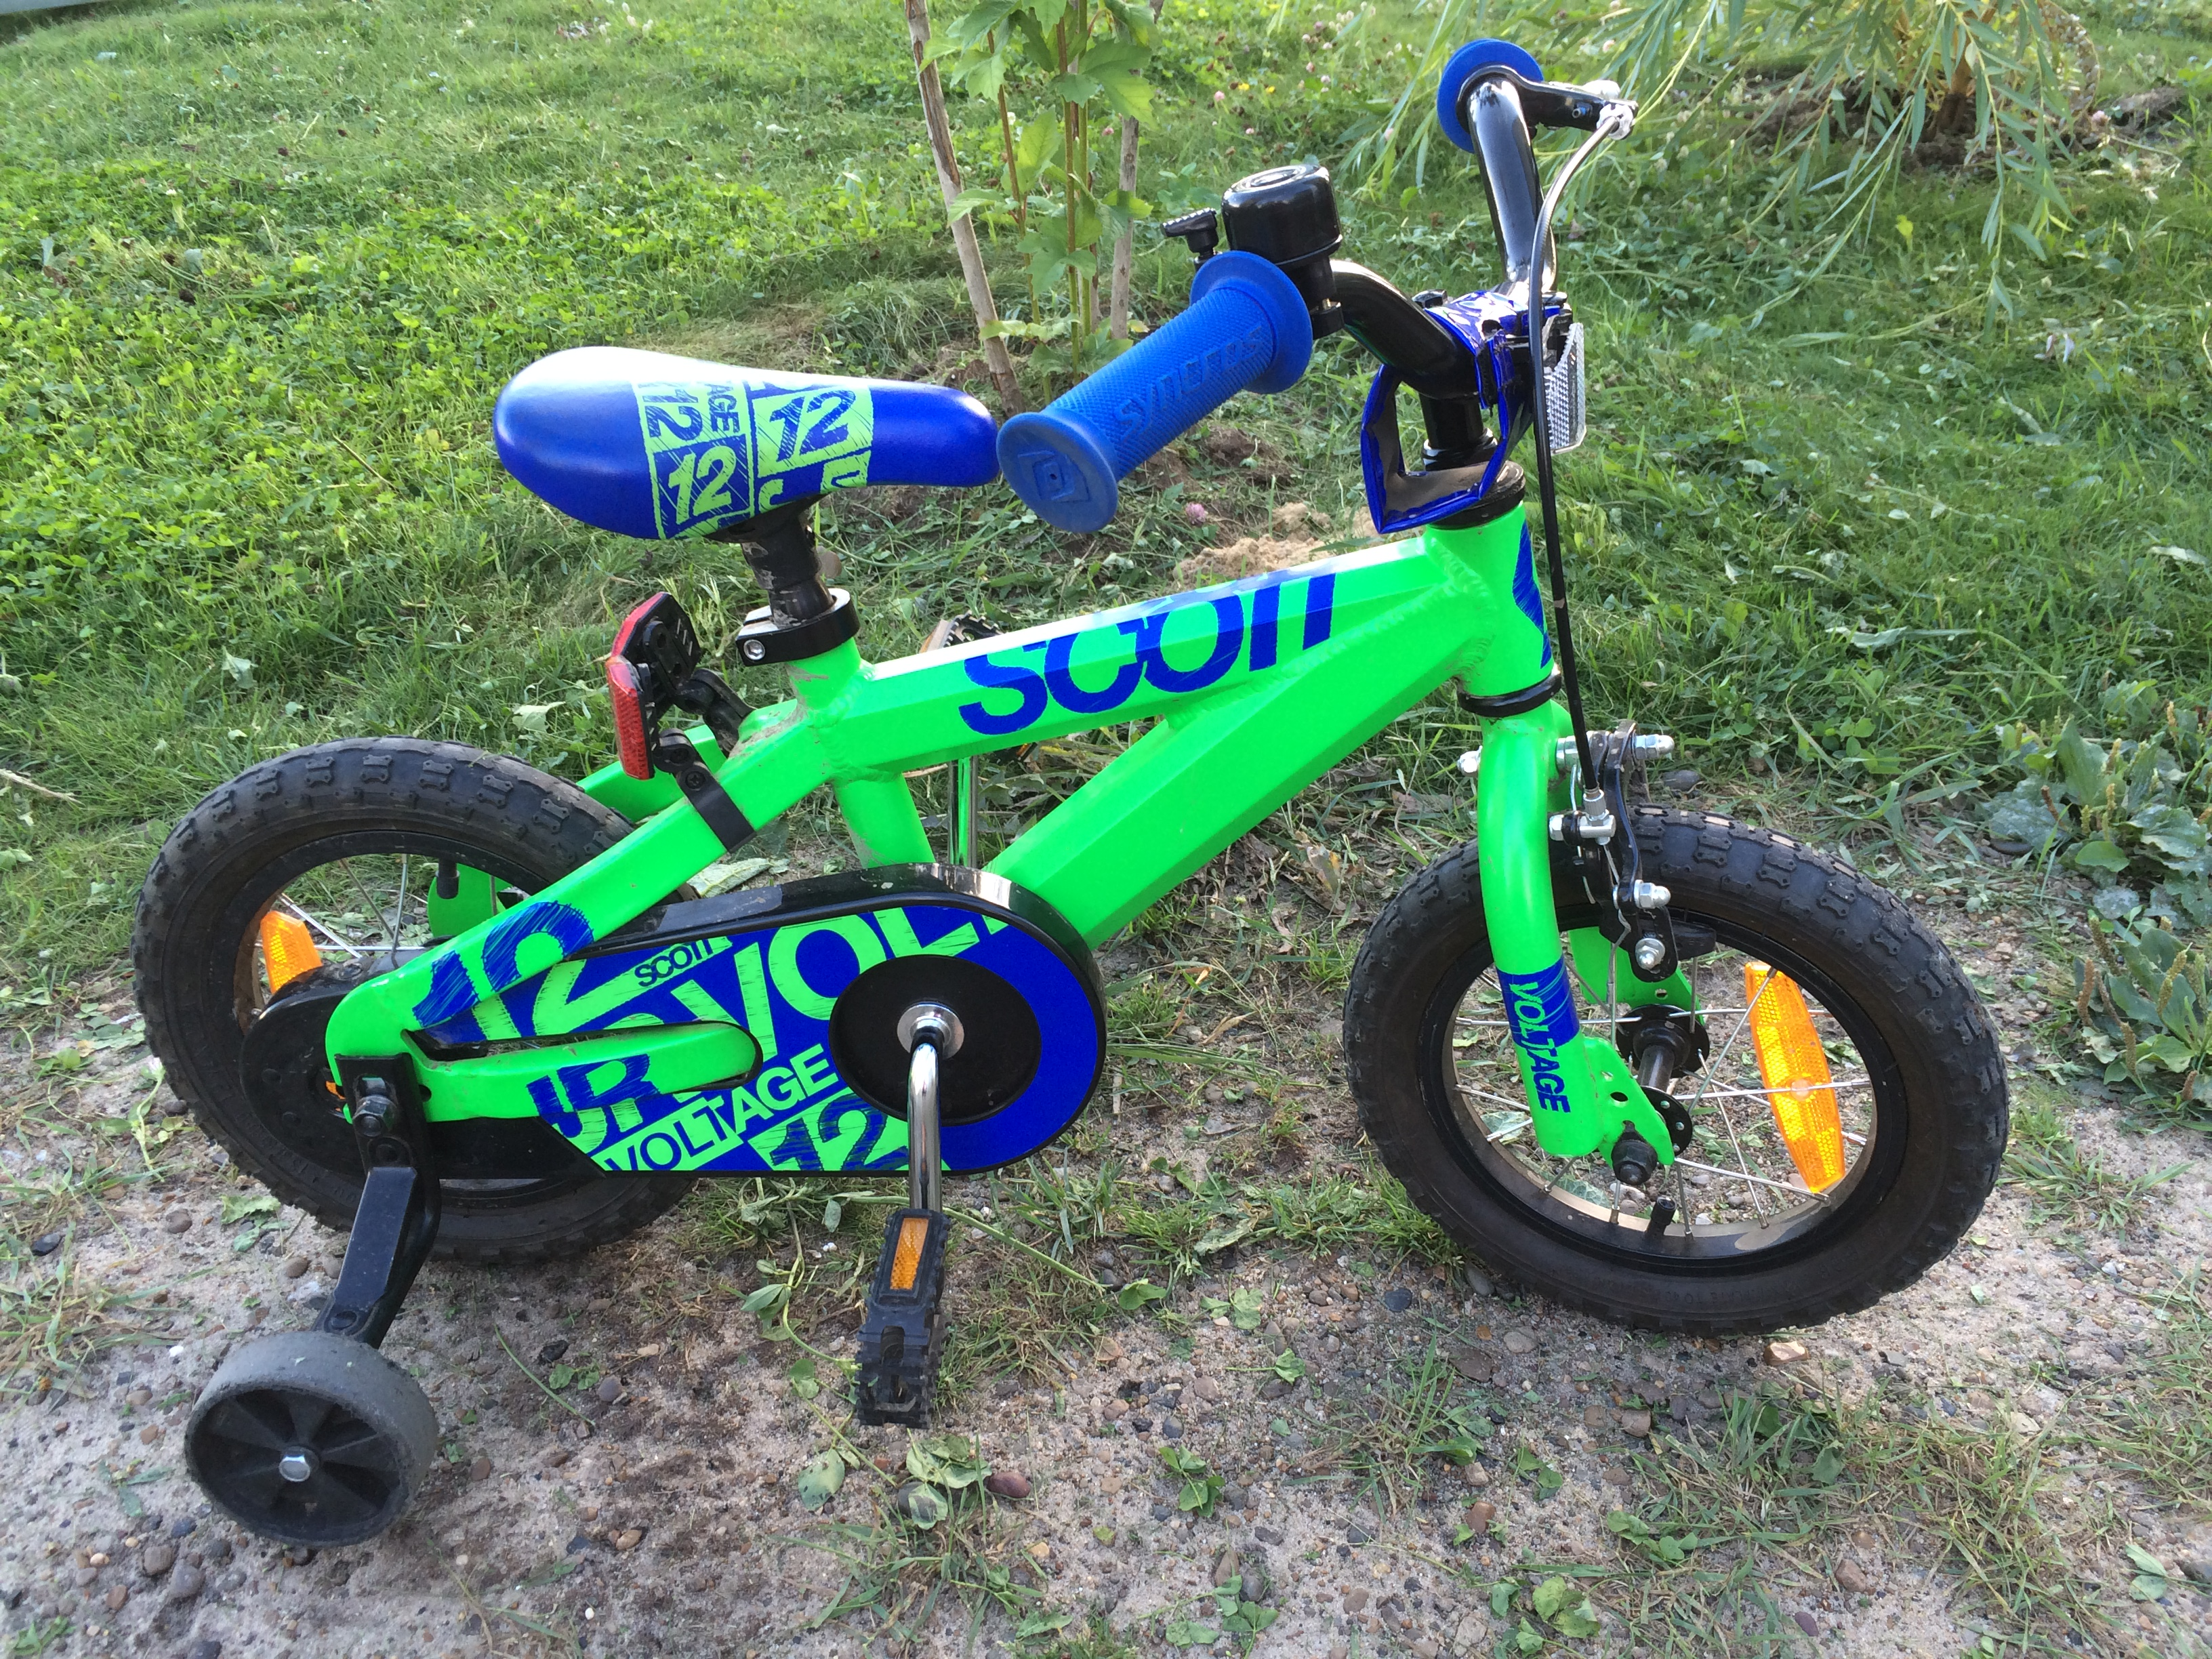 Продаю велосипед американской фирмы Scott voltage jr 12